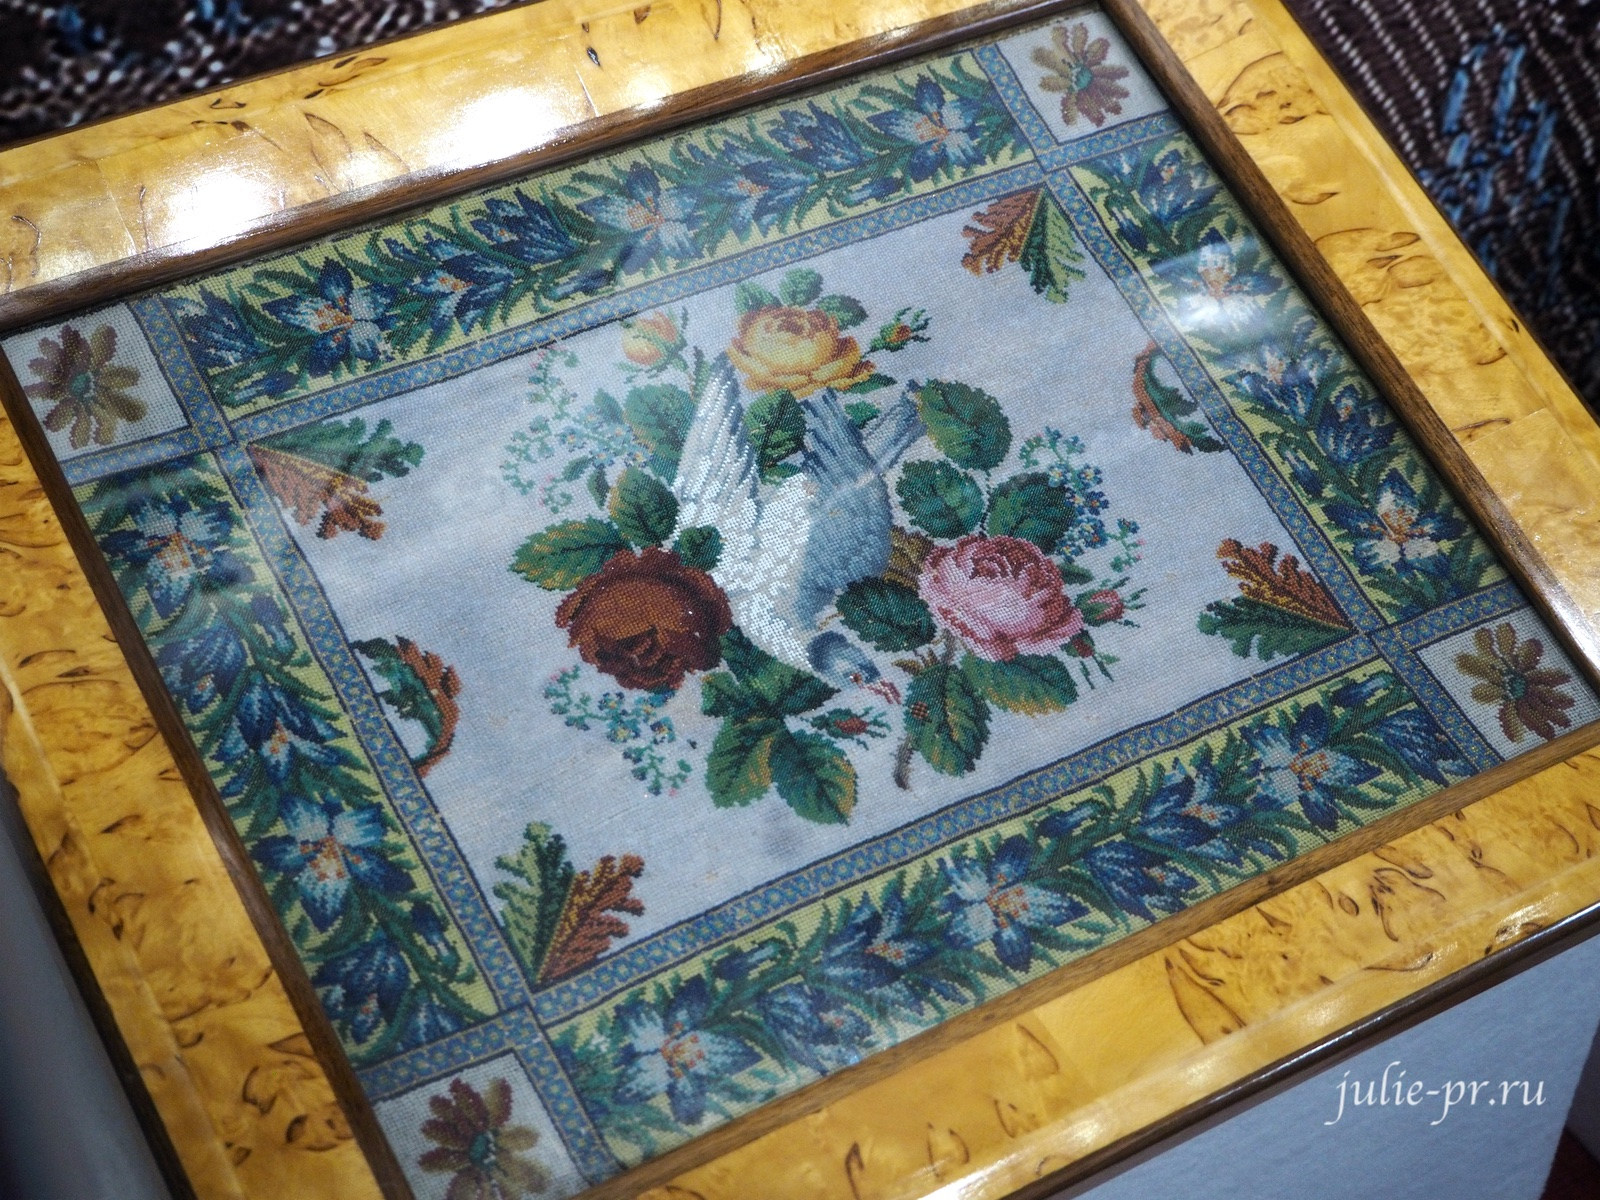 Вставка в столик для рукоделия (Россия, 1800 — 1820-е гг.): вышивка бисером